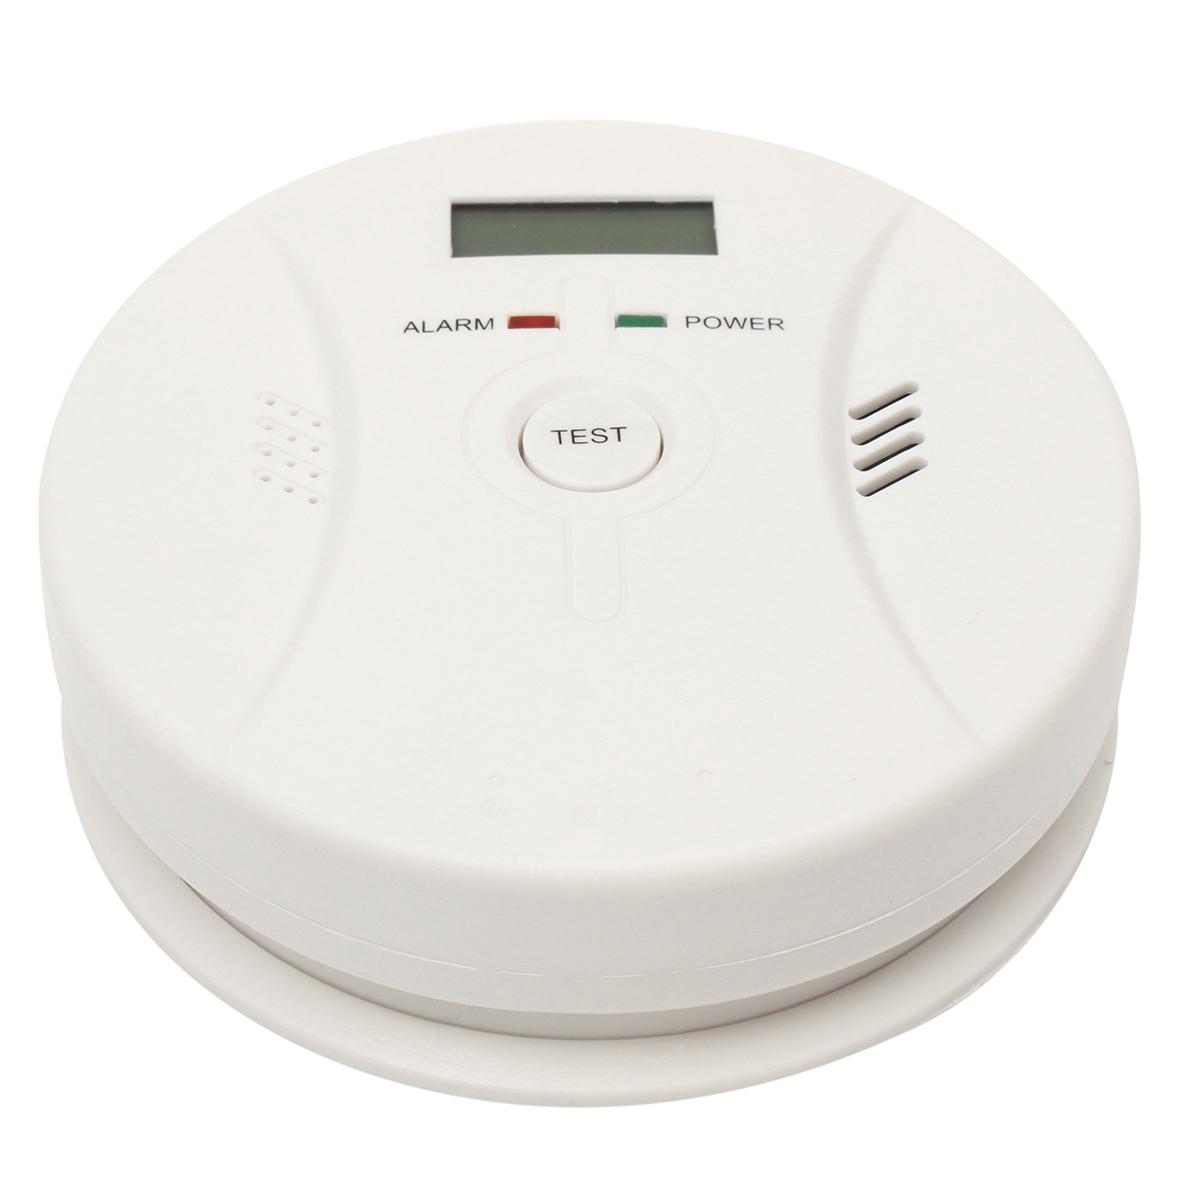 Co Carbon Monoxide Detector Poisoning Smoke Fire Security Alarm Warning Sensor Alex Nld